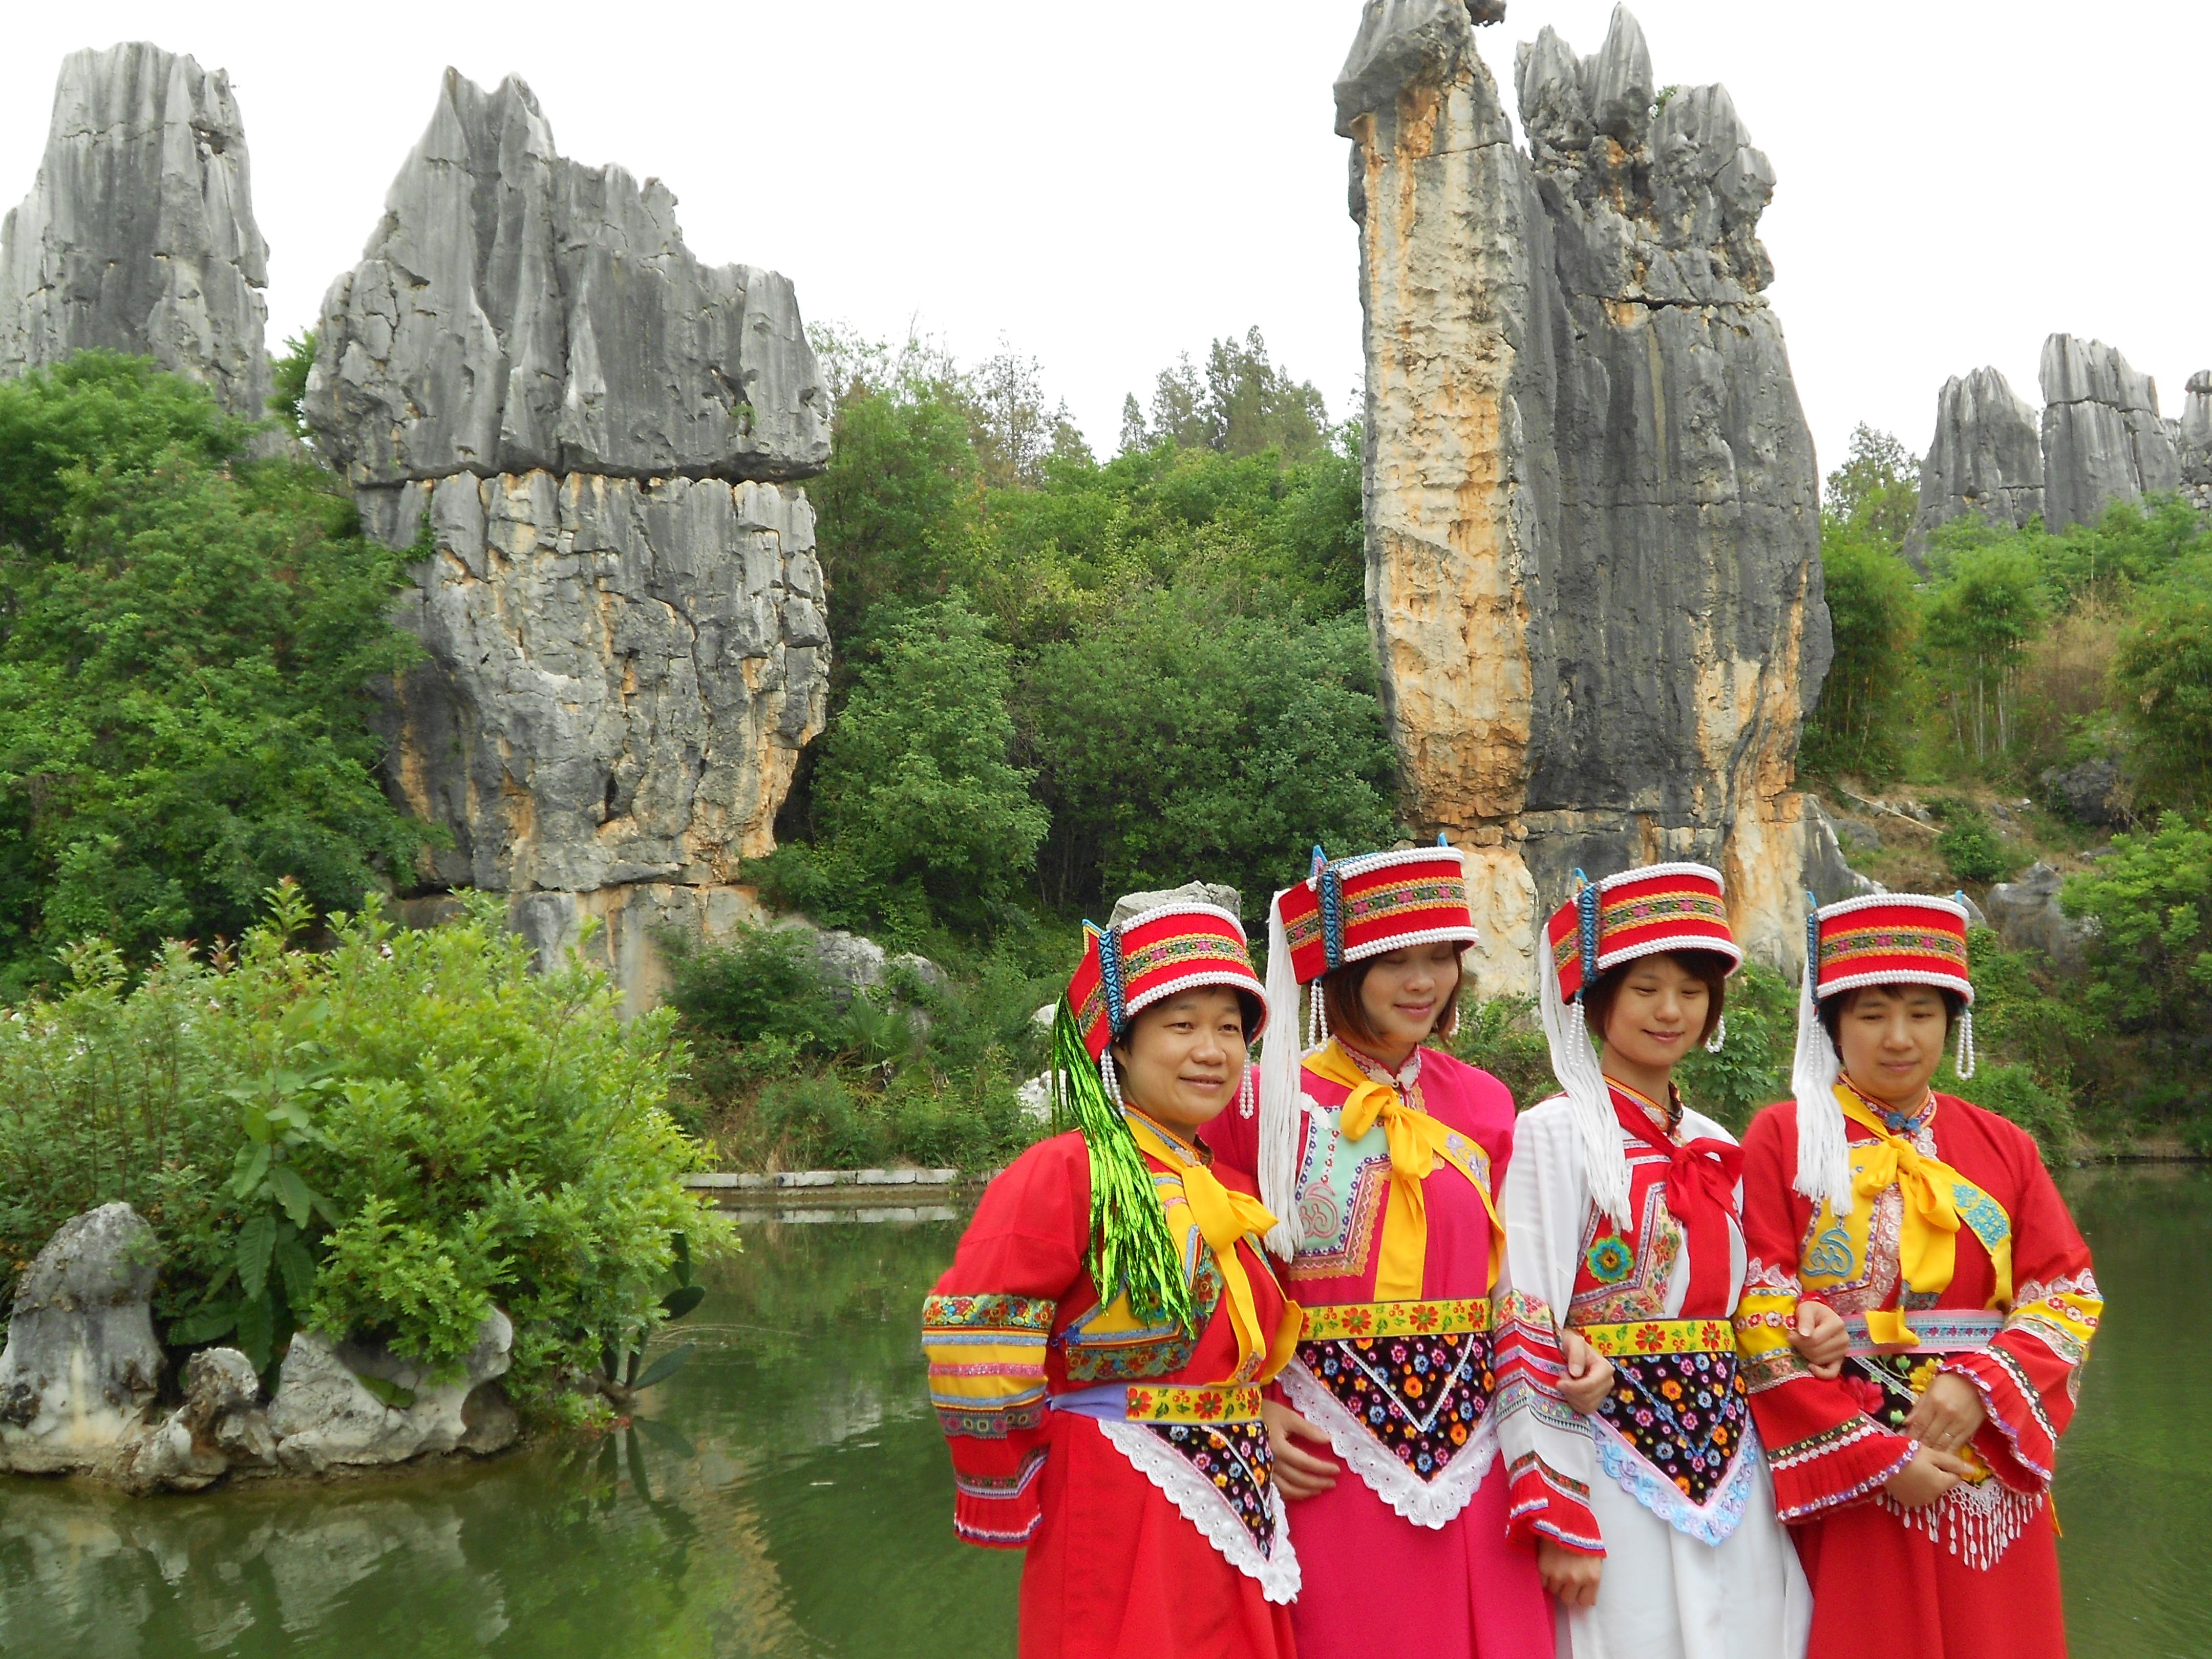 石林彝族服装_【携程攻略】云南石林景点,公司组织的旅游,全程有一个哈尼族 ...